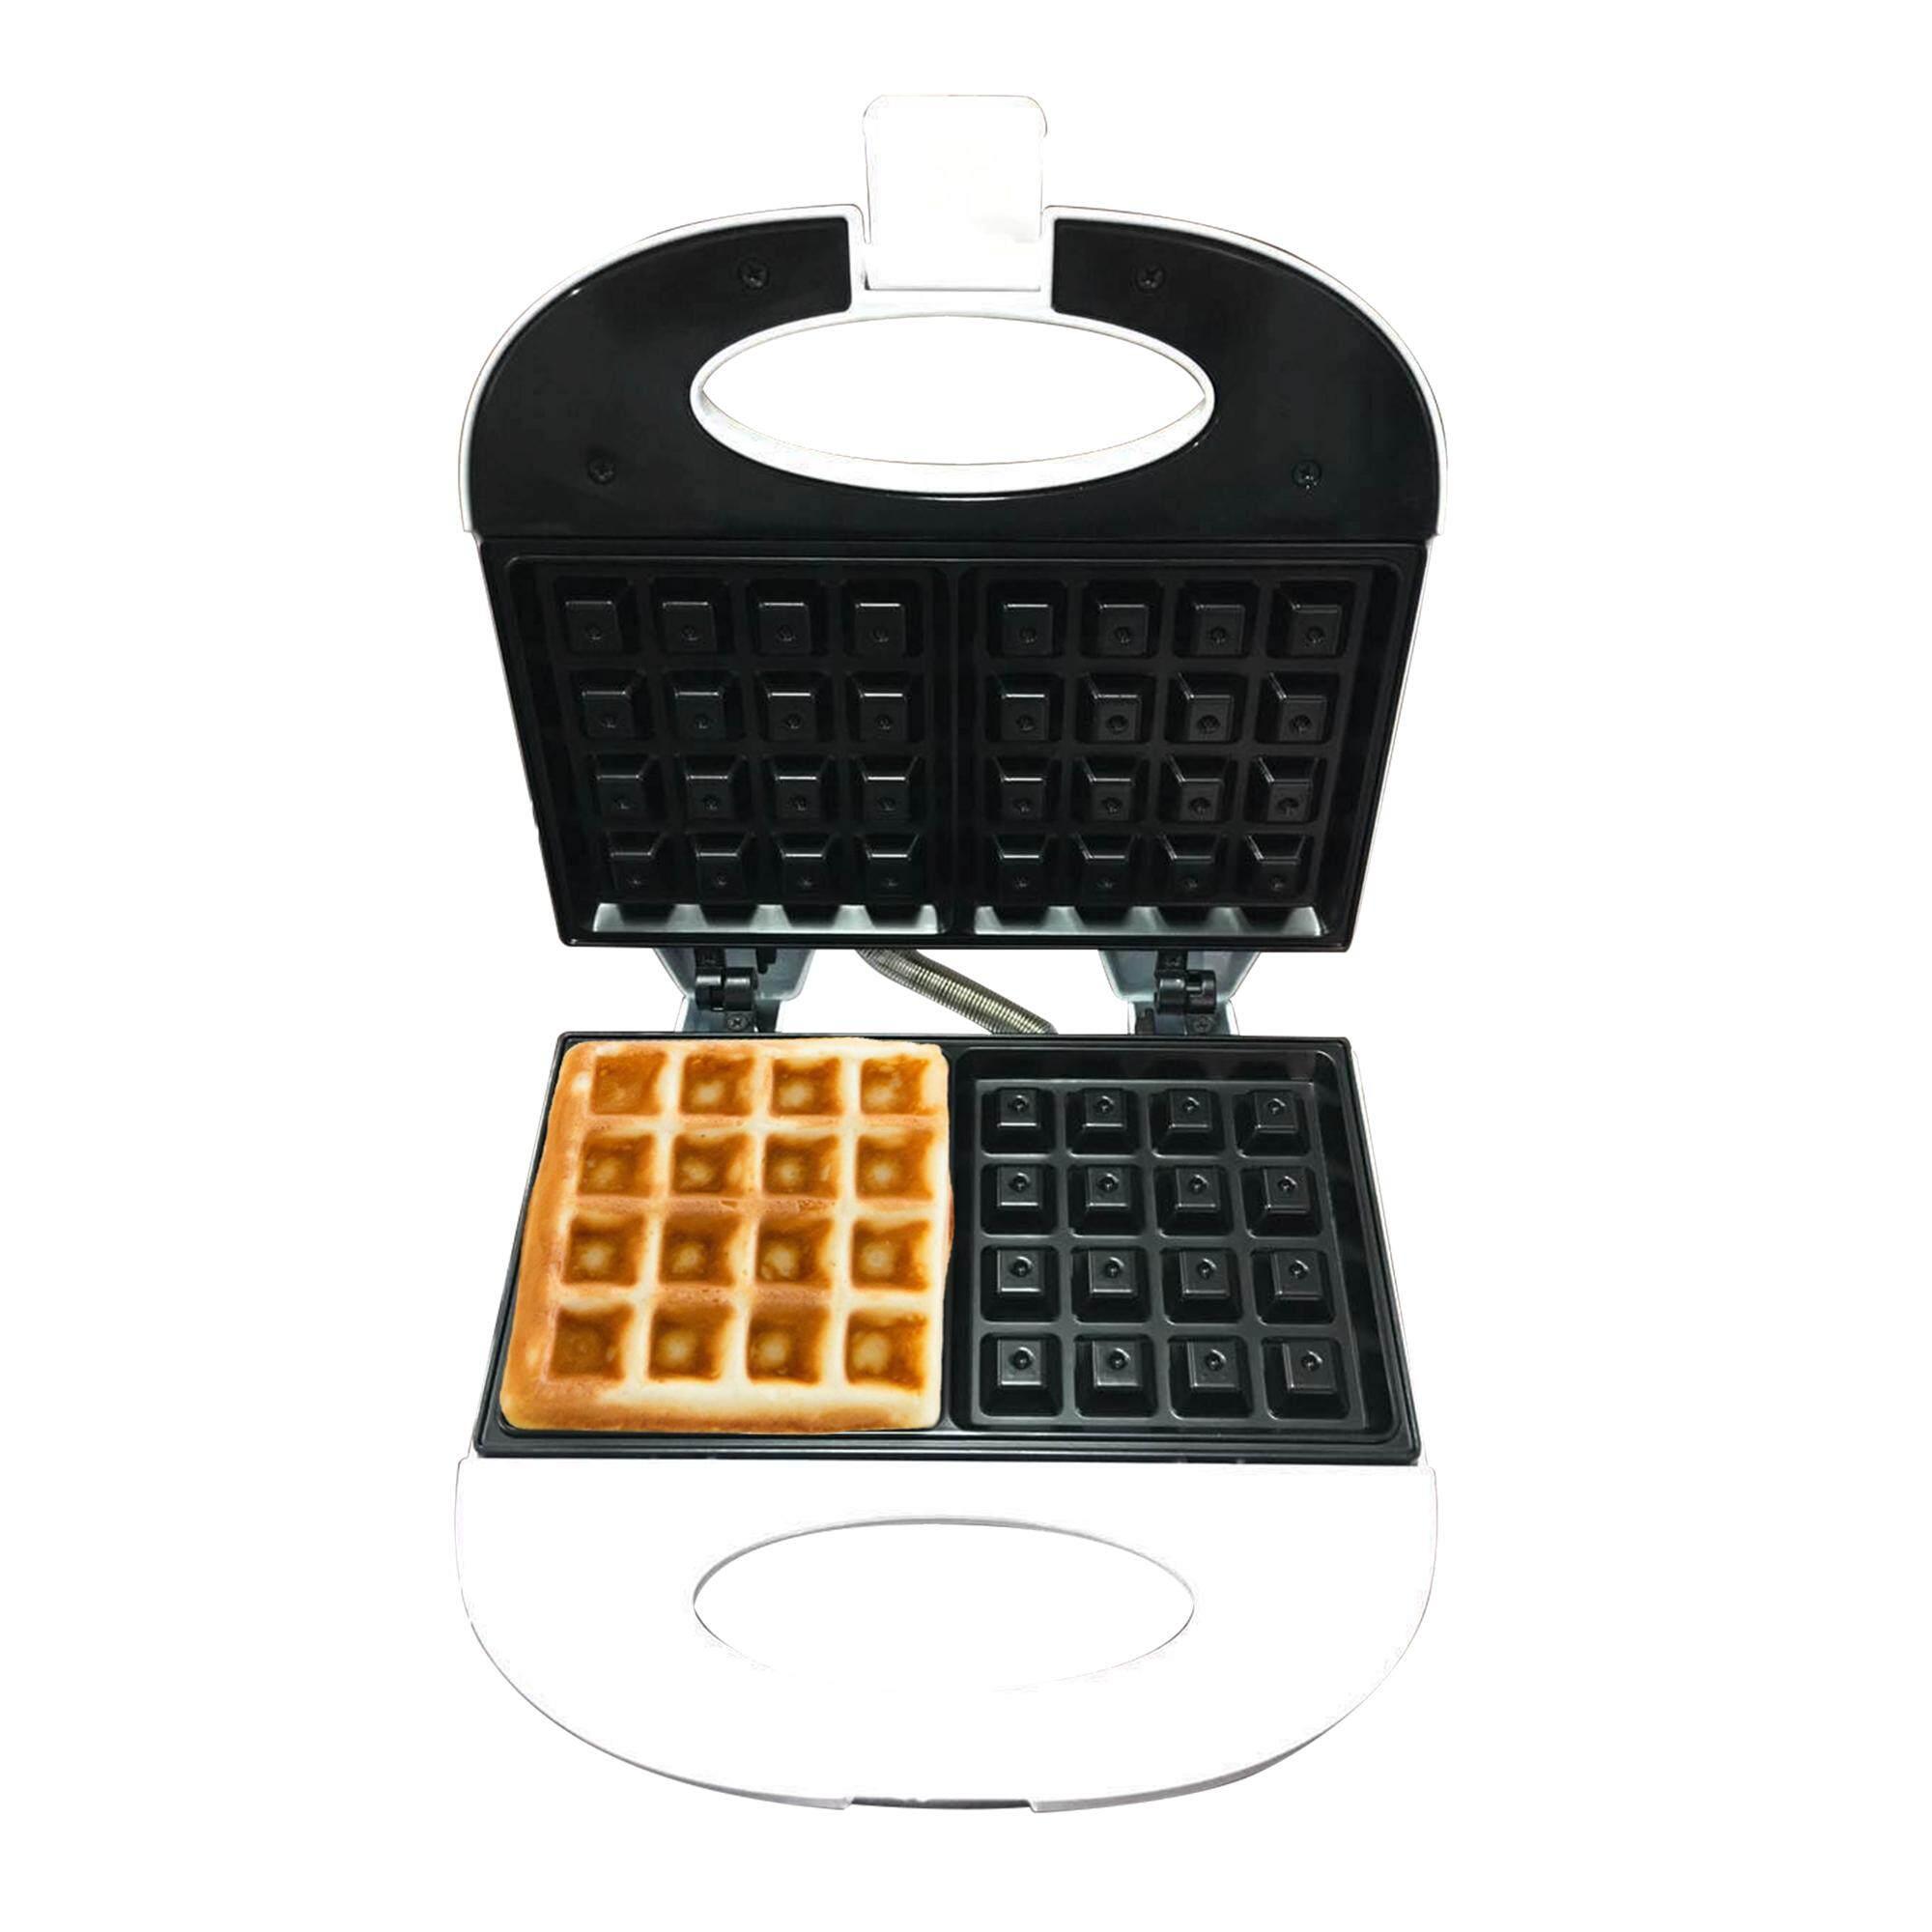 เครื่องทำวาฟเฟิล smart home รุ่น sm-Wf02.